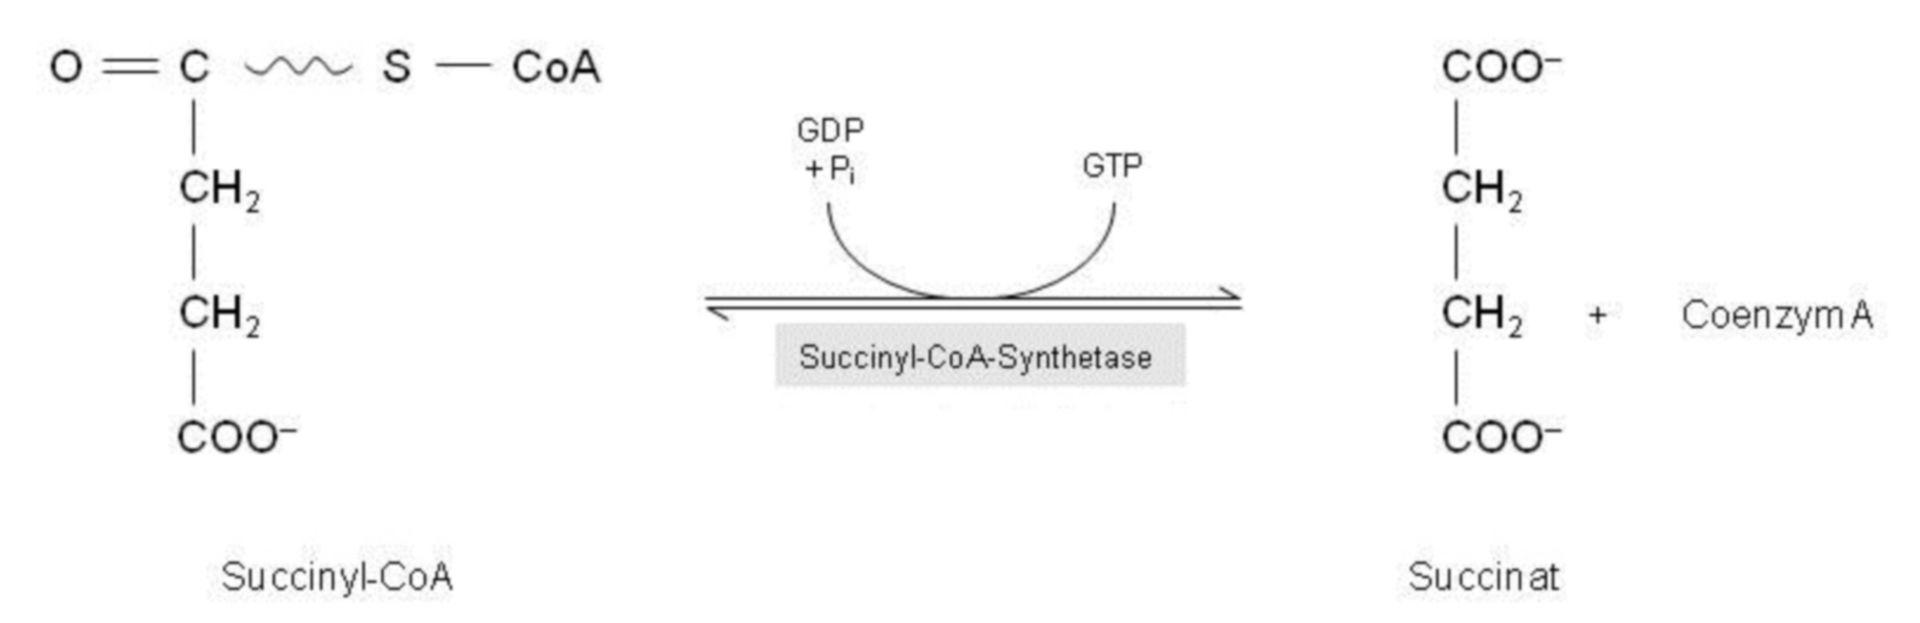 Fosforilación a nivel de substratos - ciclo del ácido cítrico